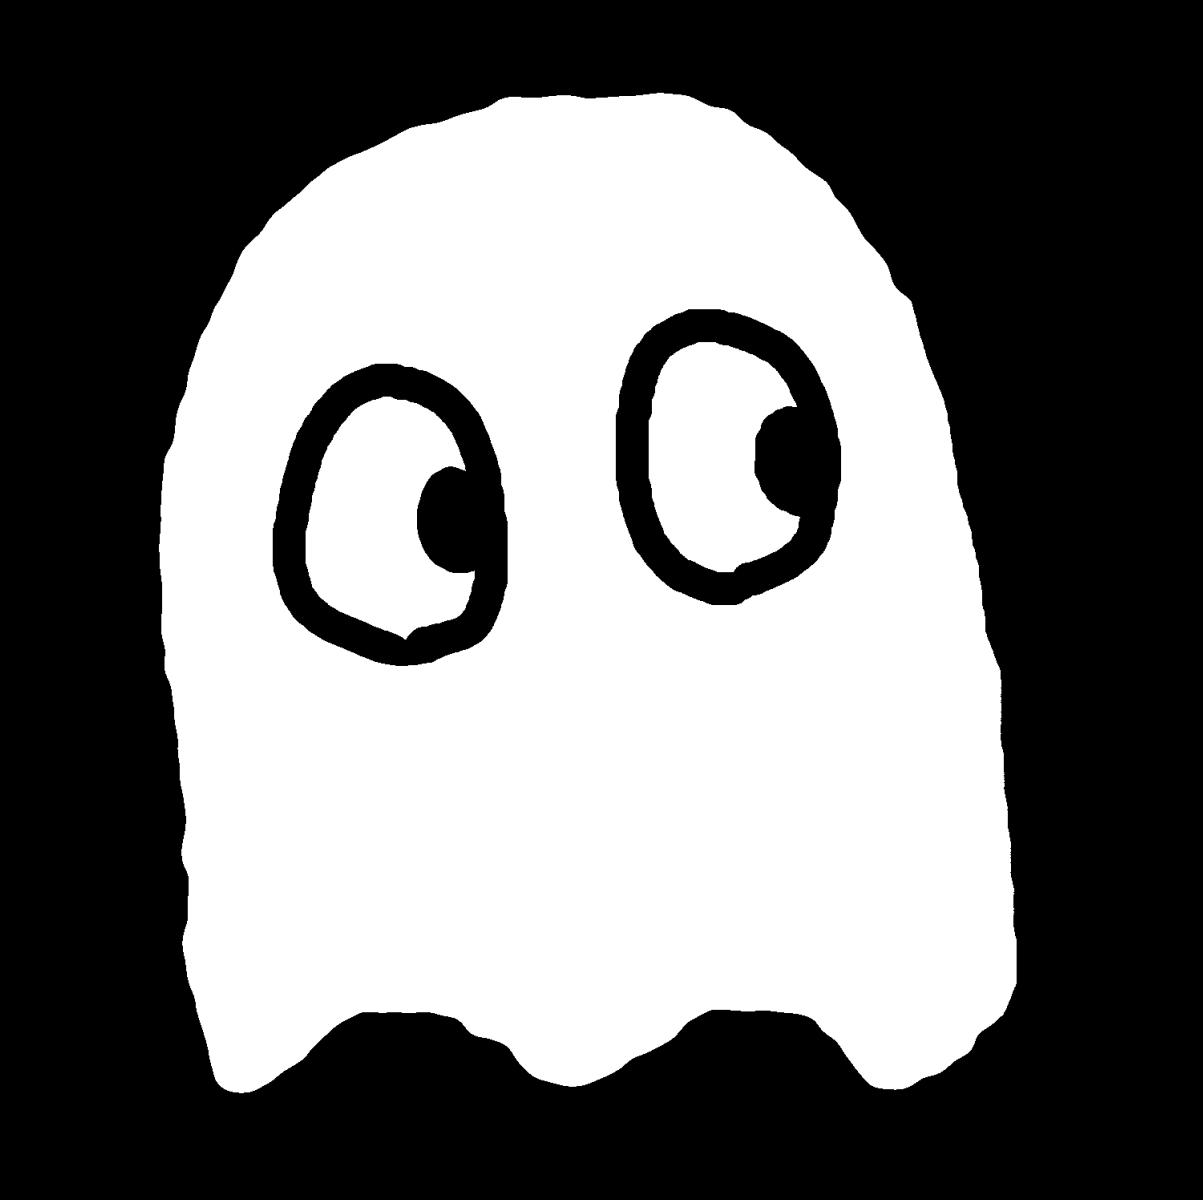 ゲームに出てきそうなおばけのイラスト / Game-style round characters Illustration